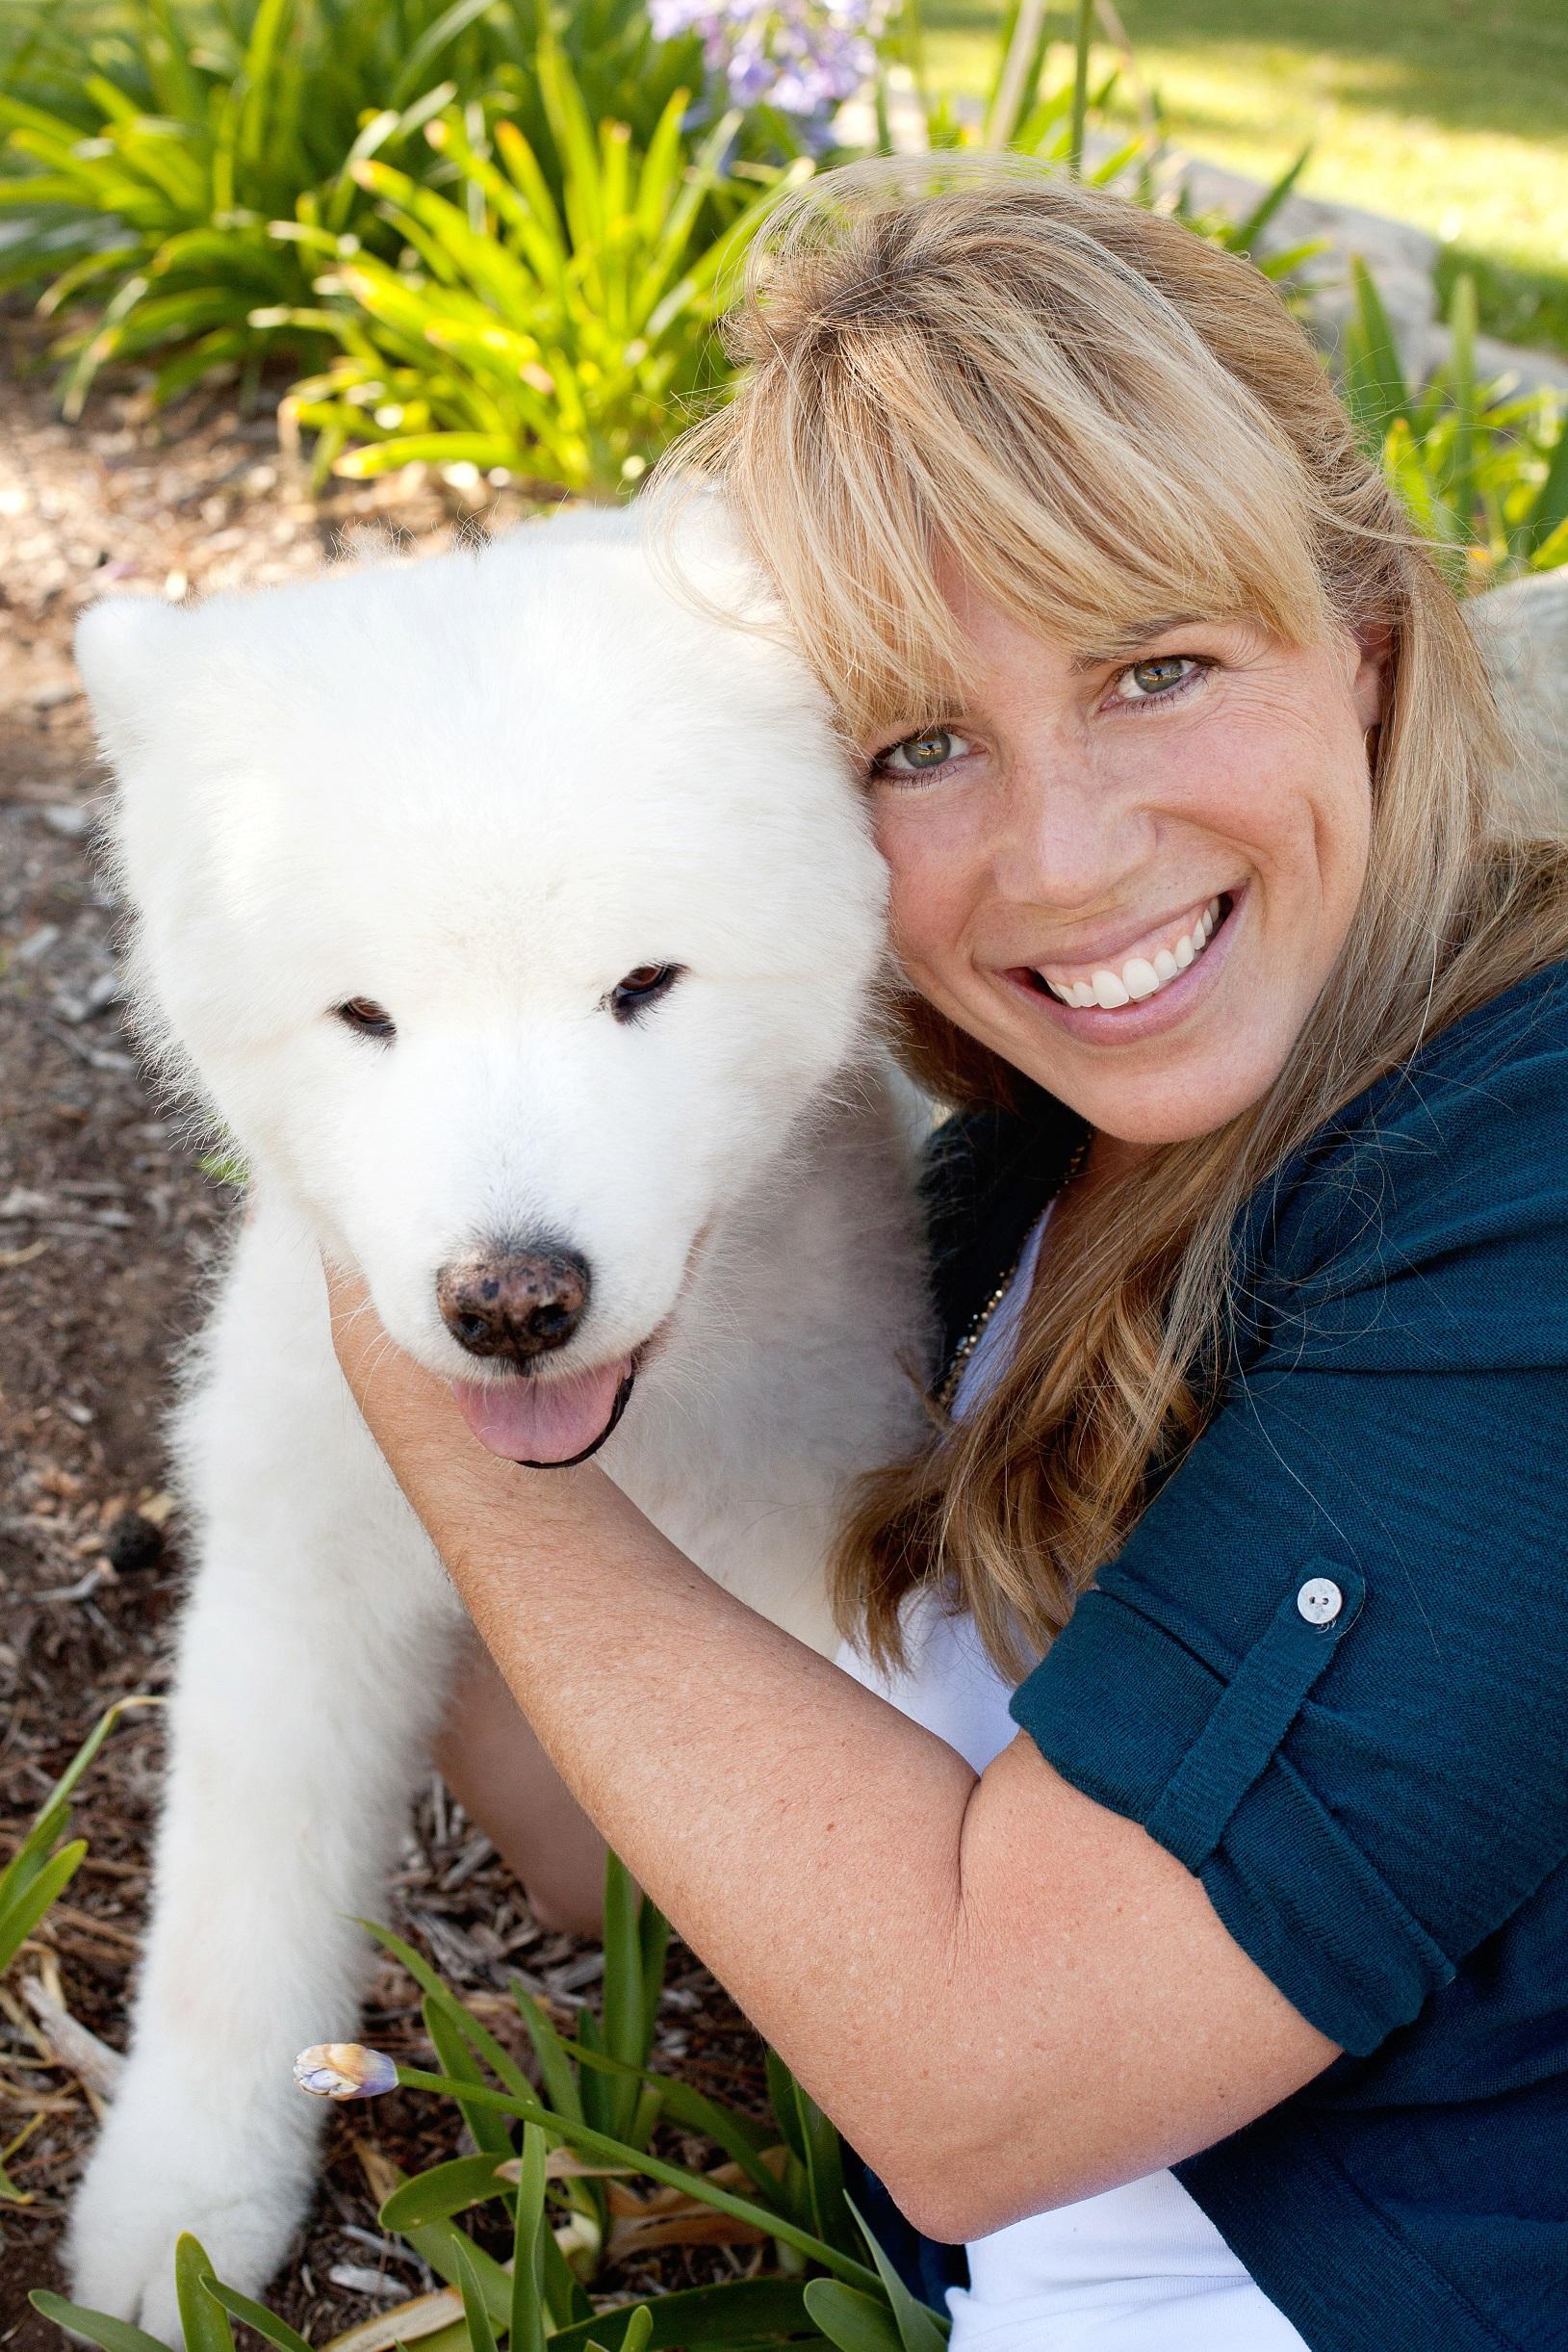 Dr. Gardner and white dog